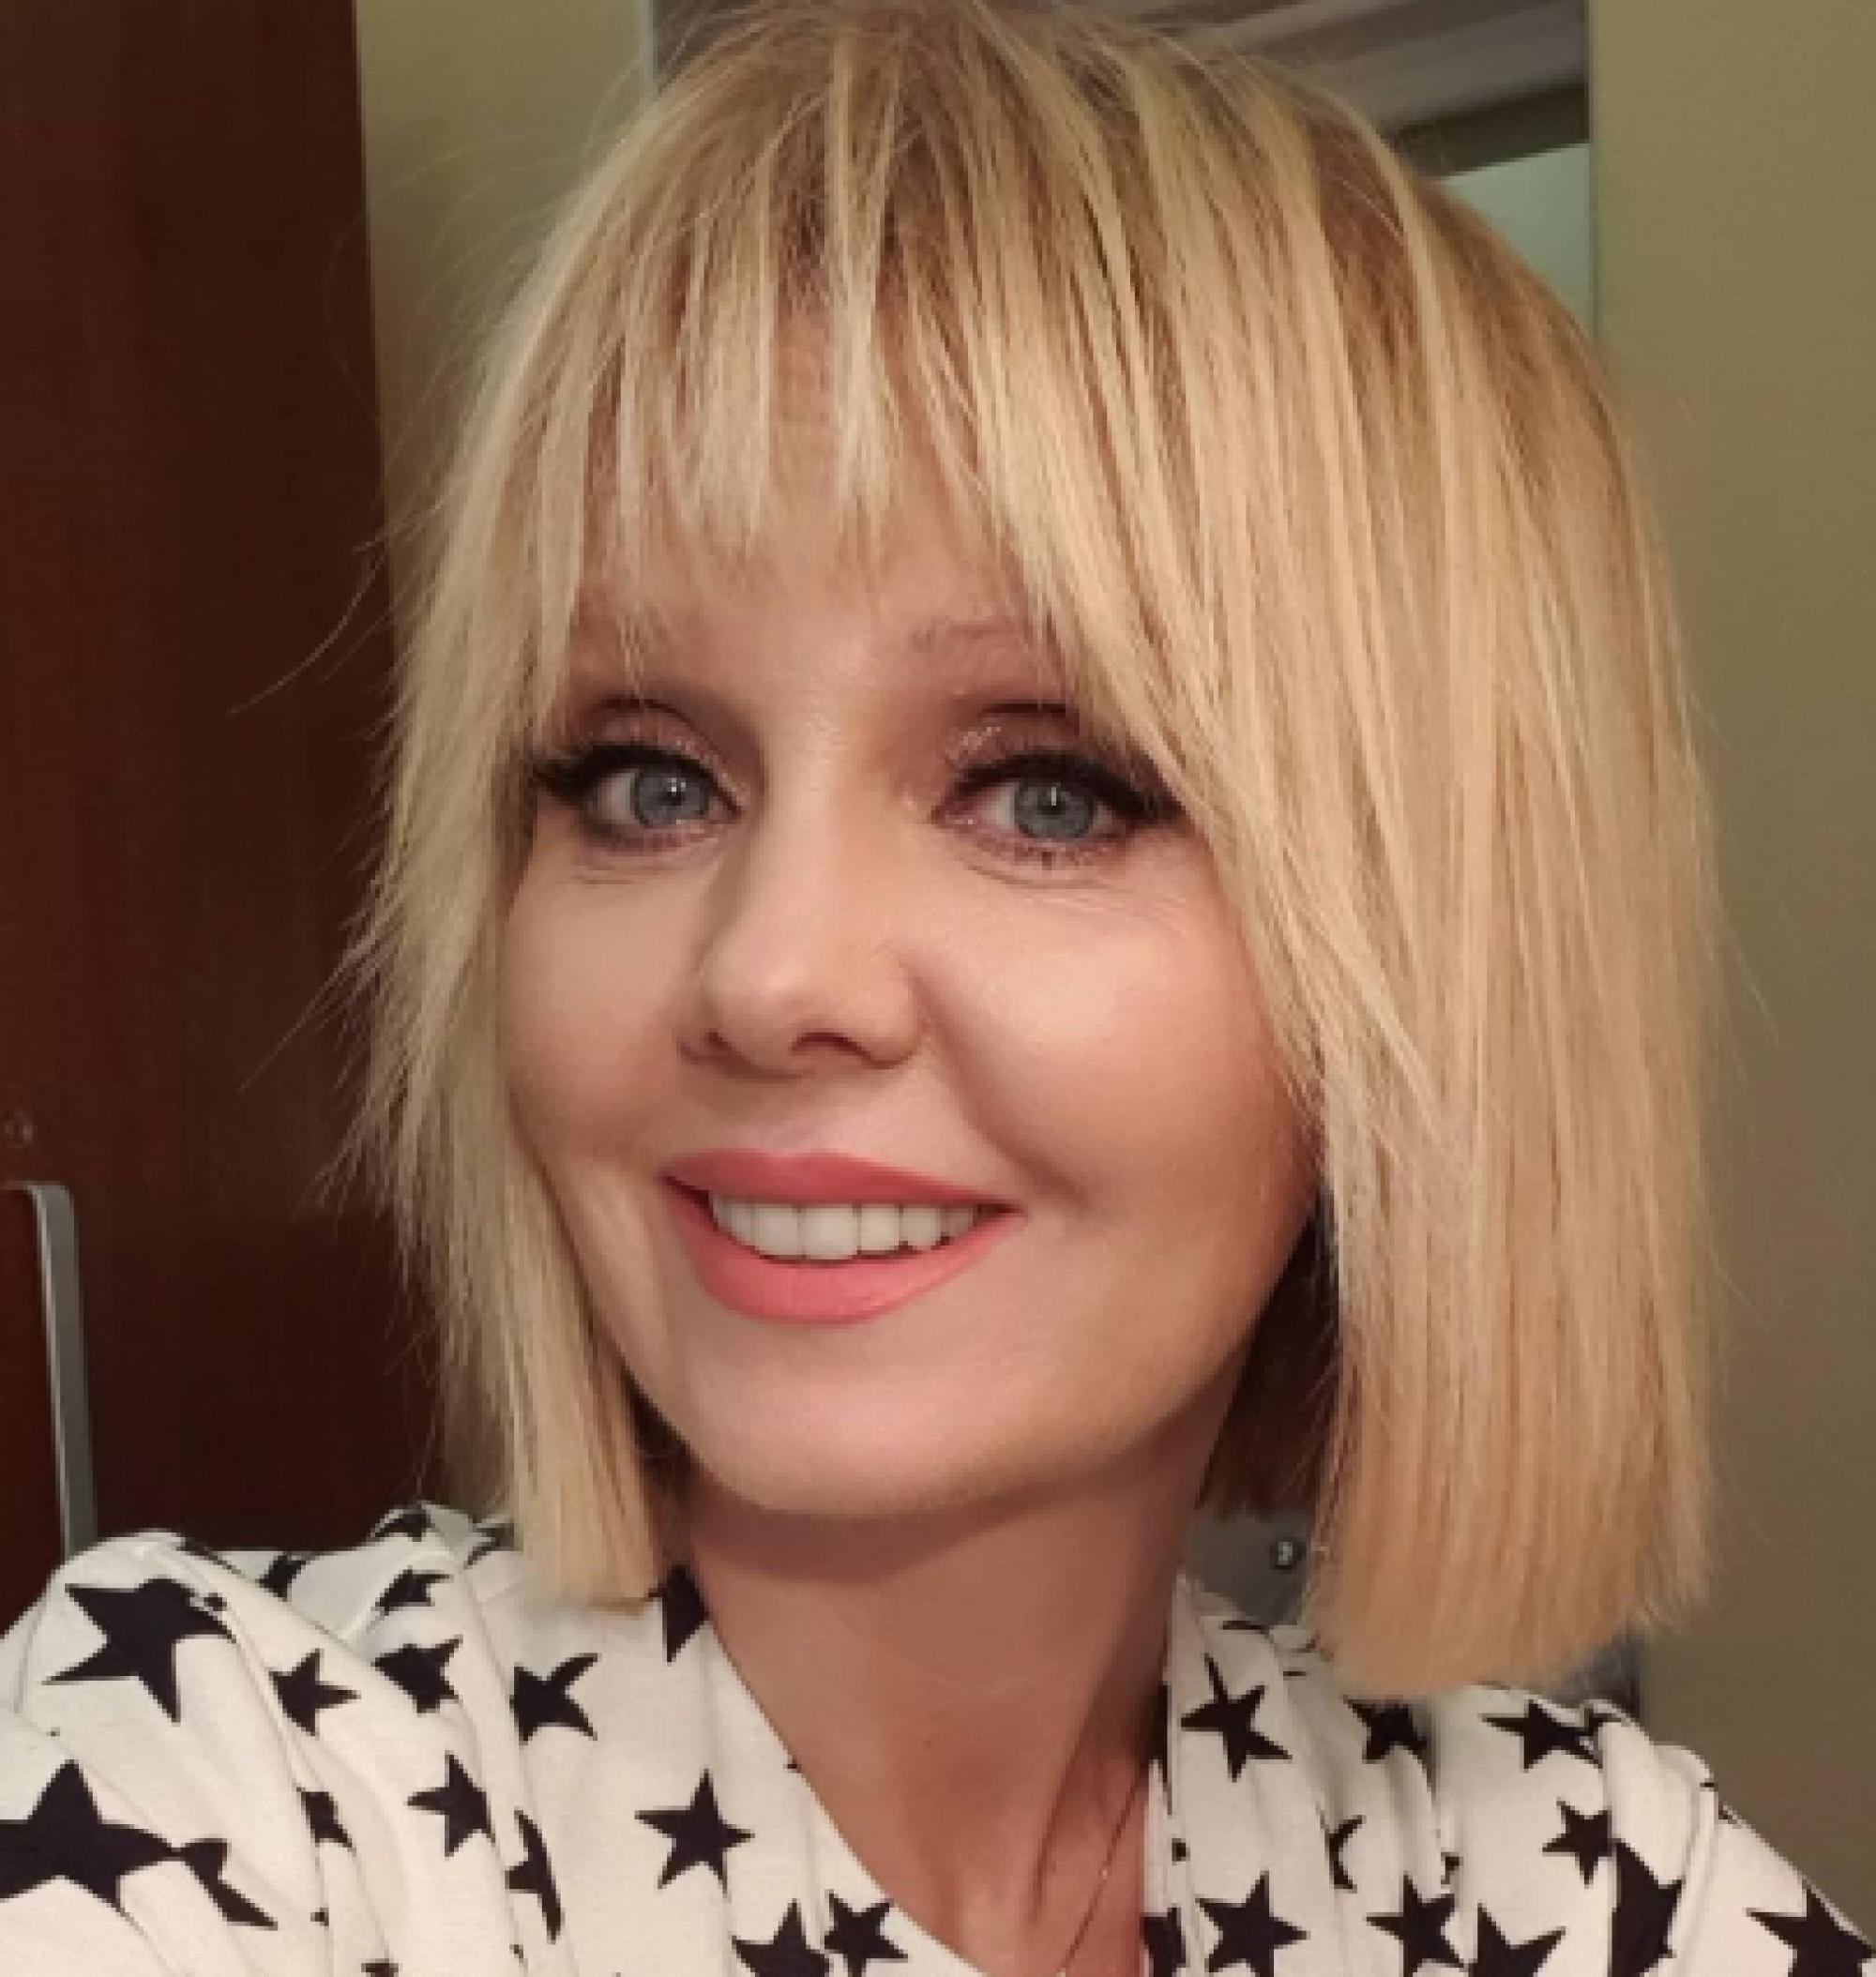 Певицу Валерию уличили в обмане ради карьерного роста